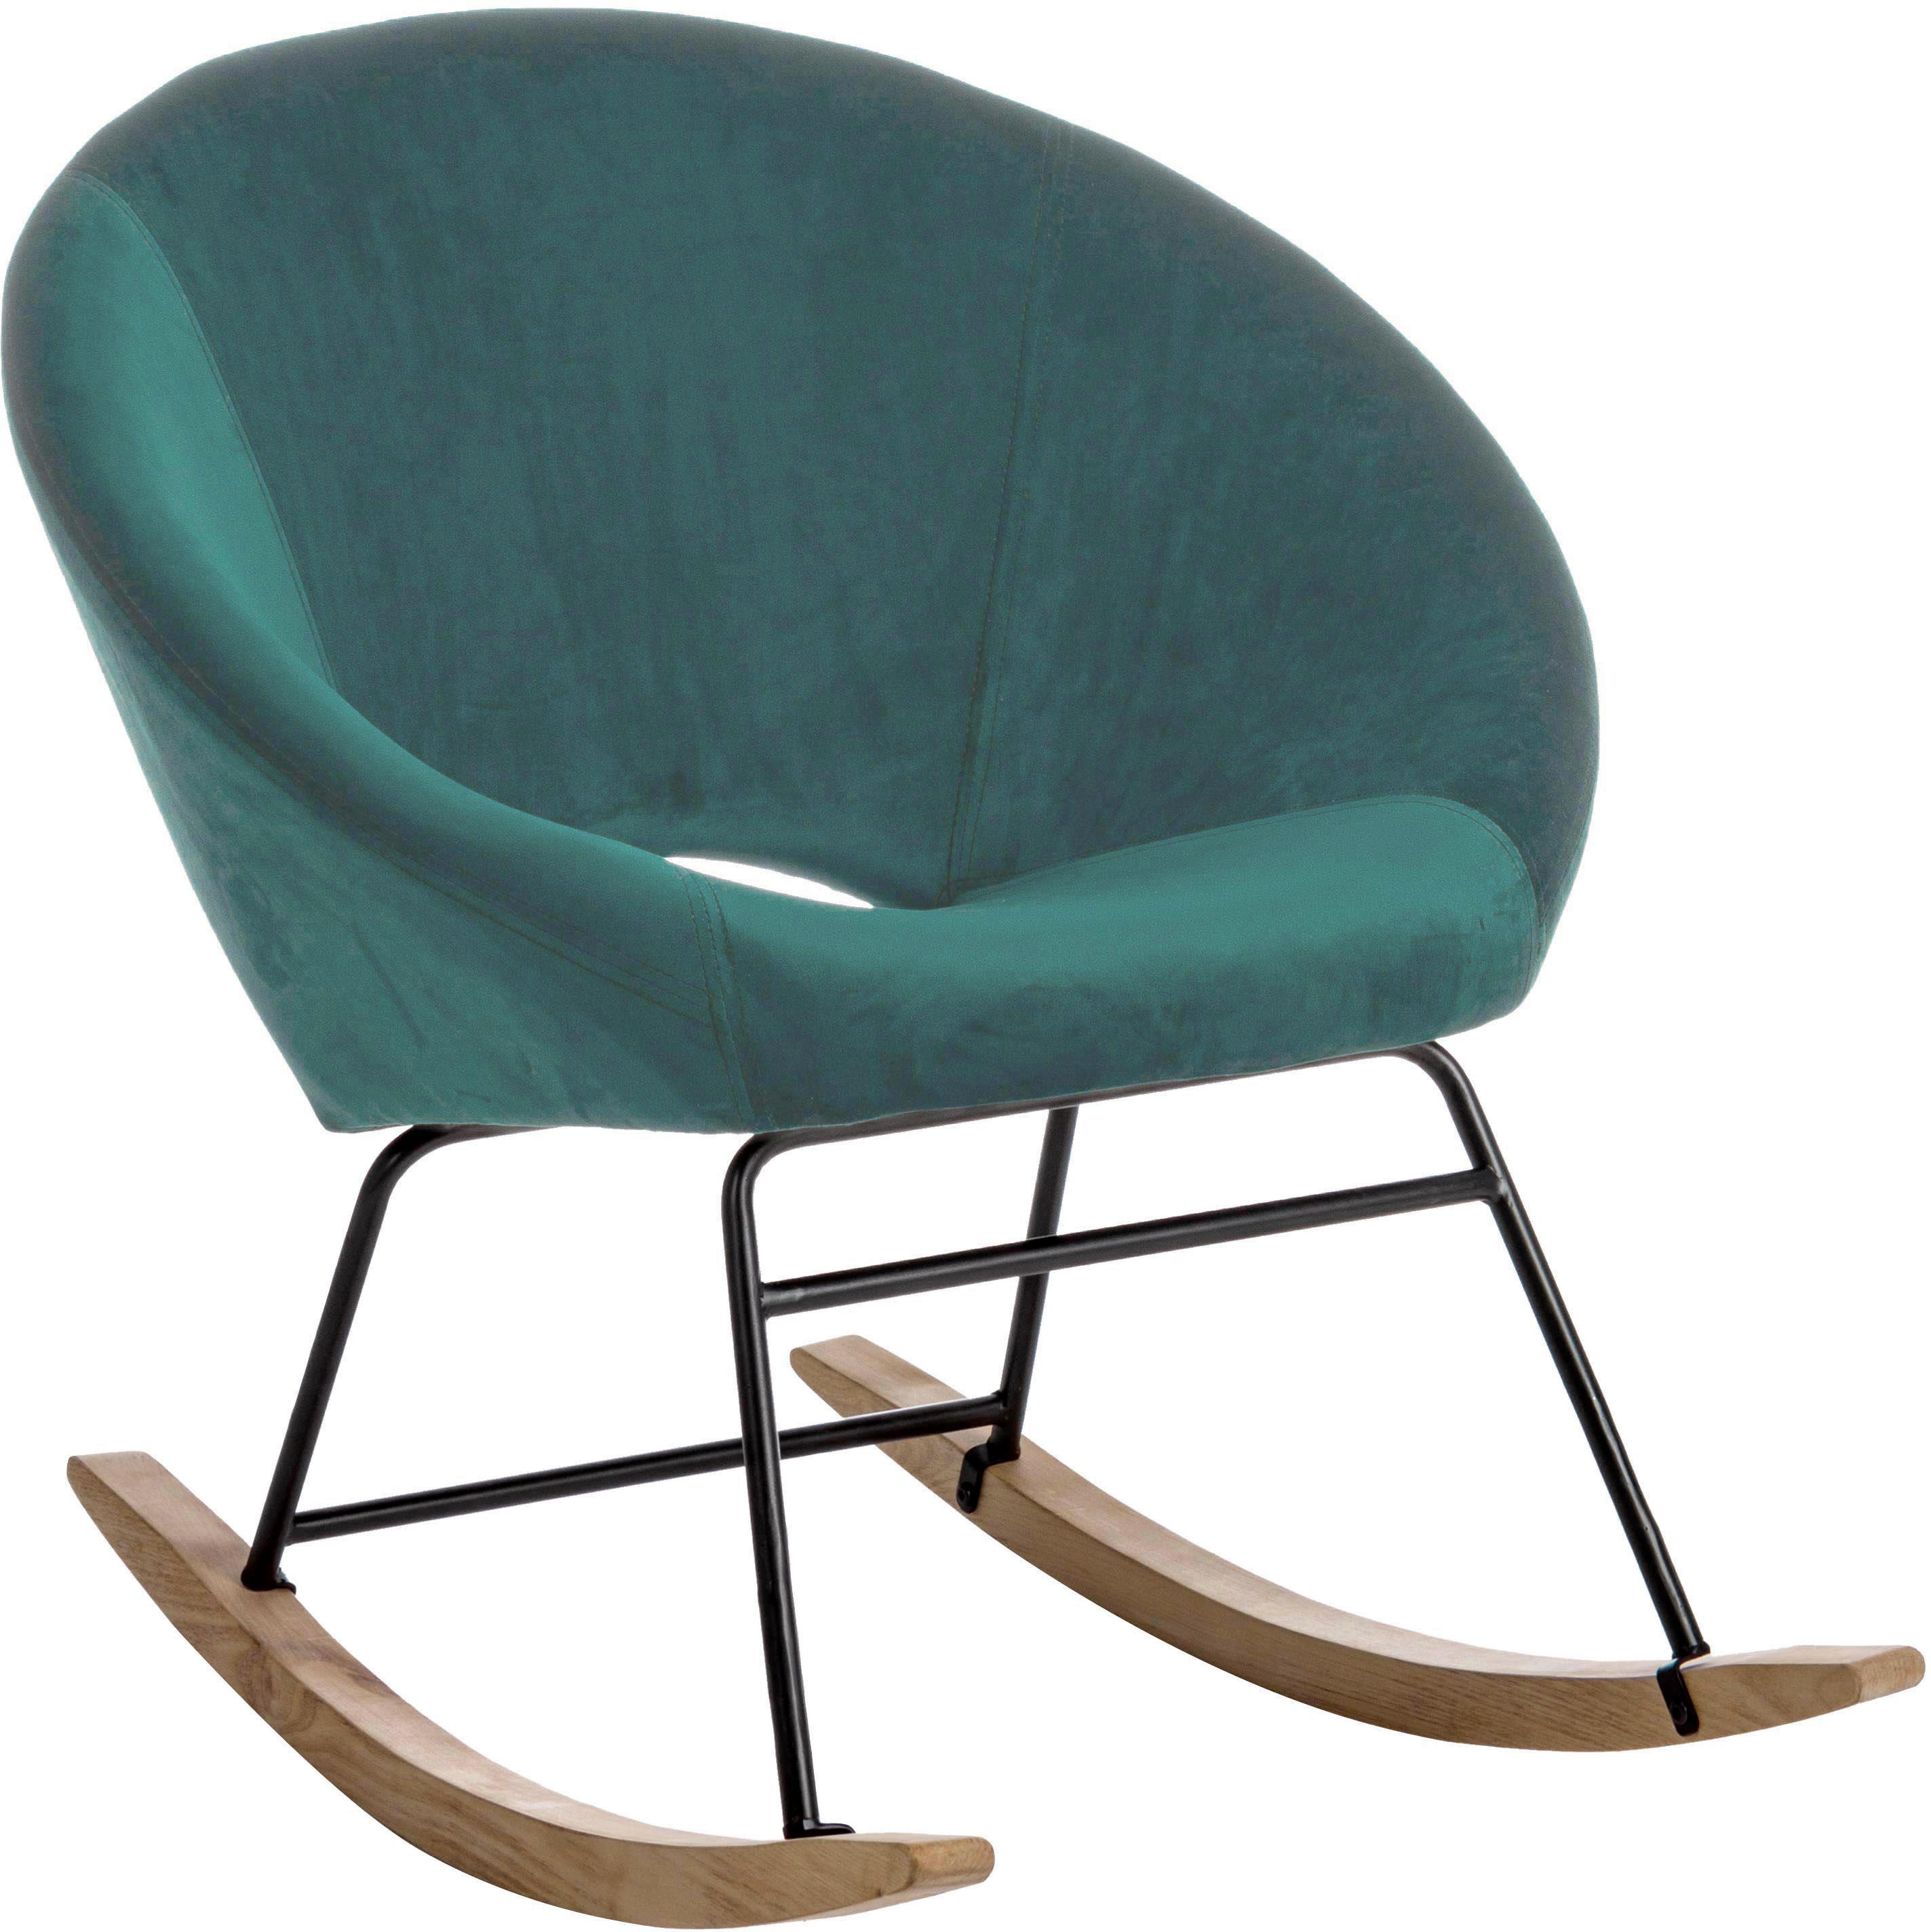 Sedia a dondolo in velluto Annika, Rivestimento: velluto di poliestere 70., Struttura: metallo verniciato a polv, Velluto blu pavone, Larg. 74 x Prof. 77 cm